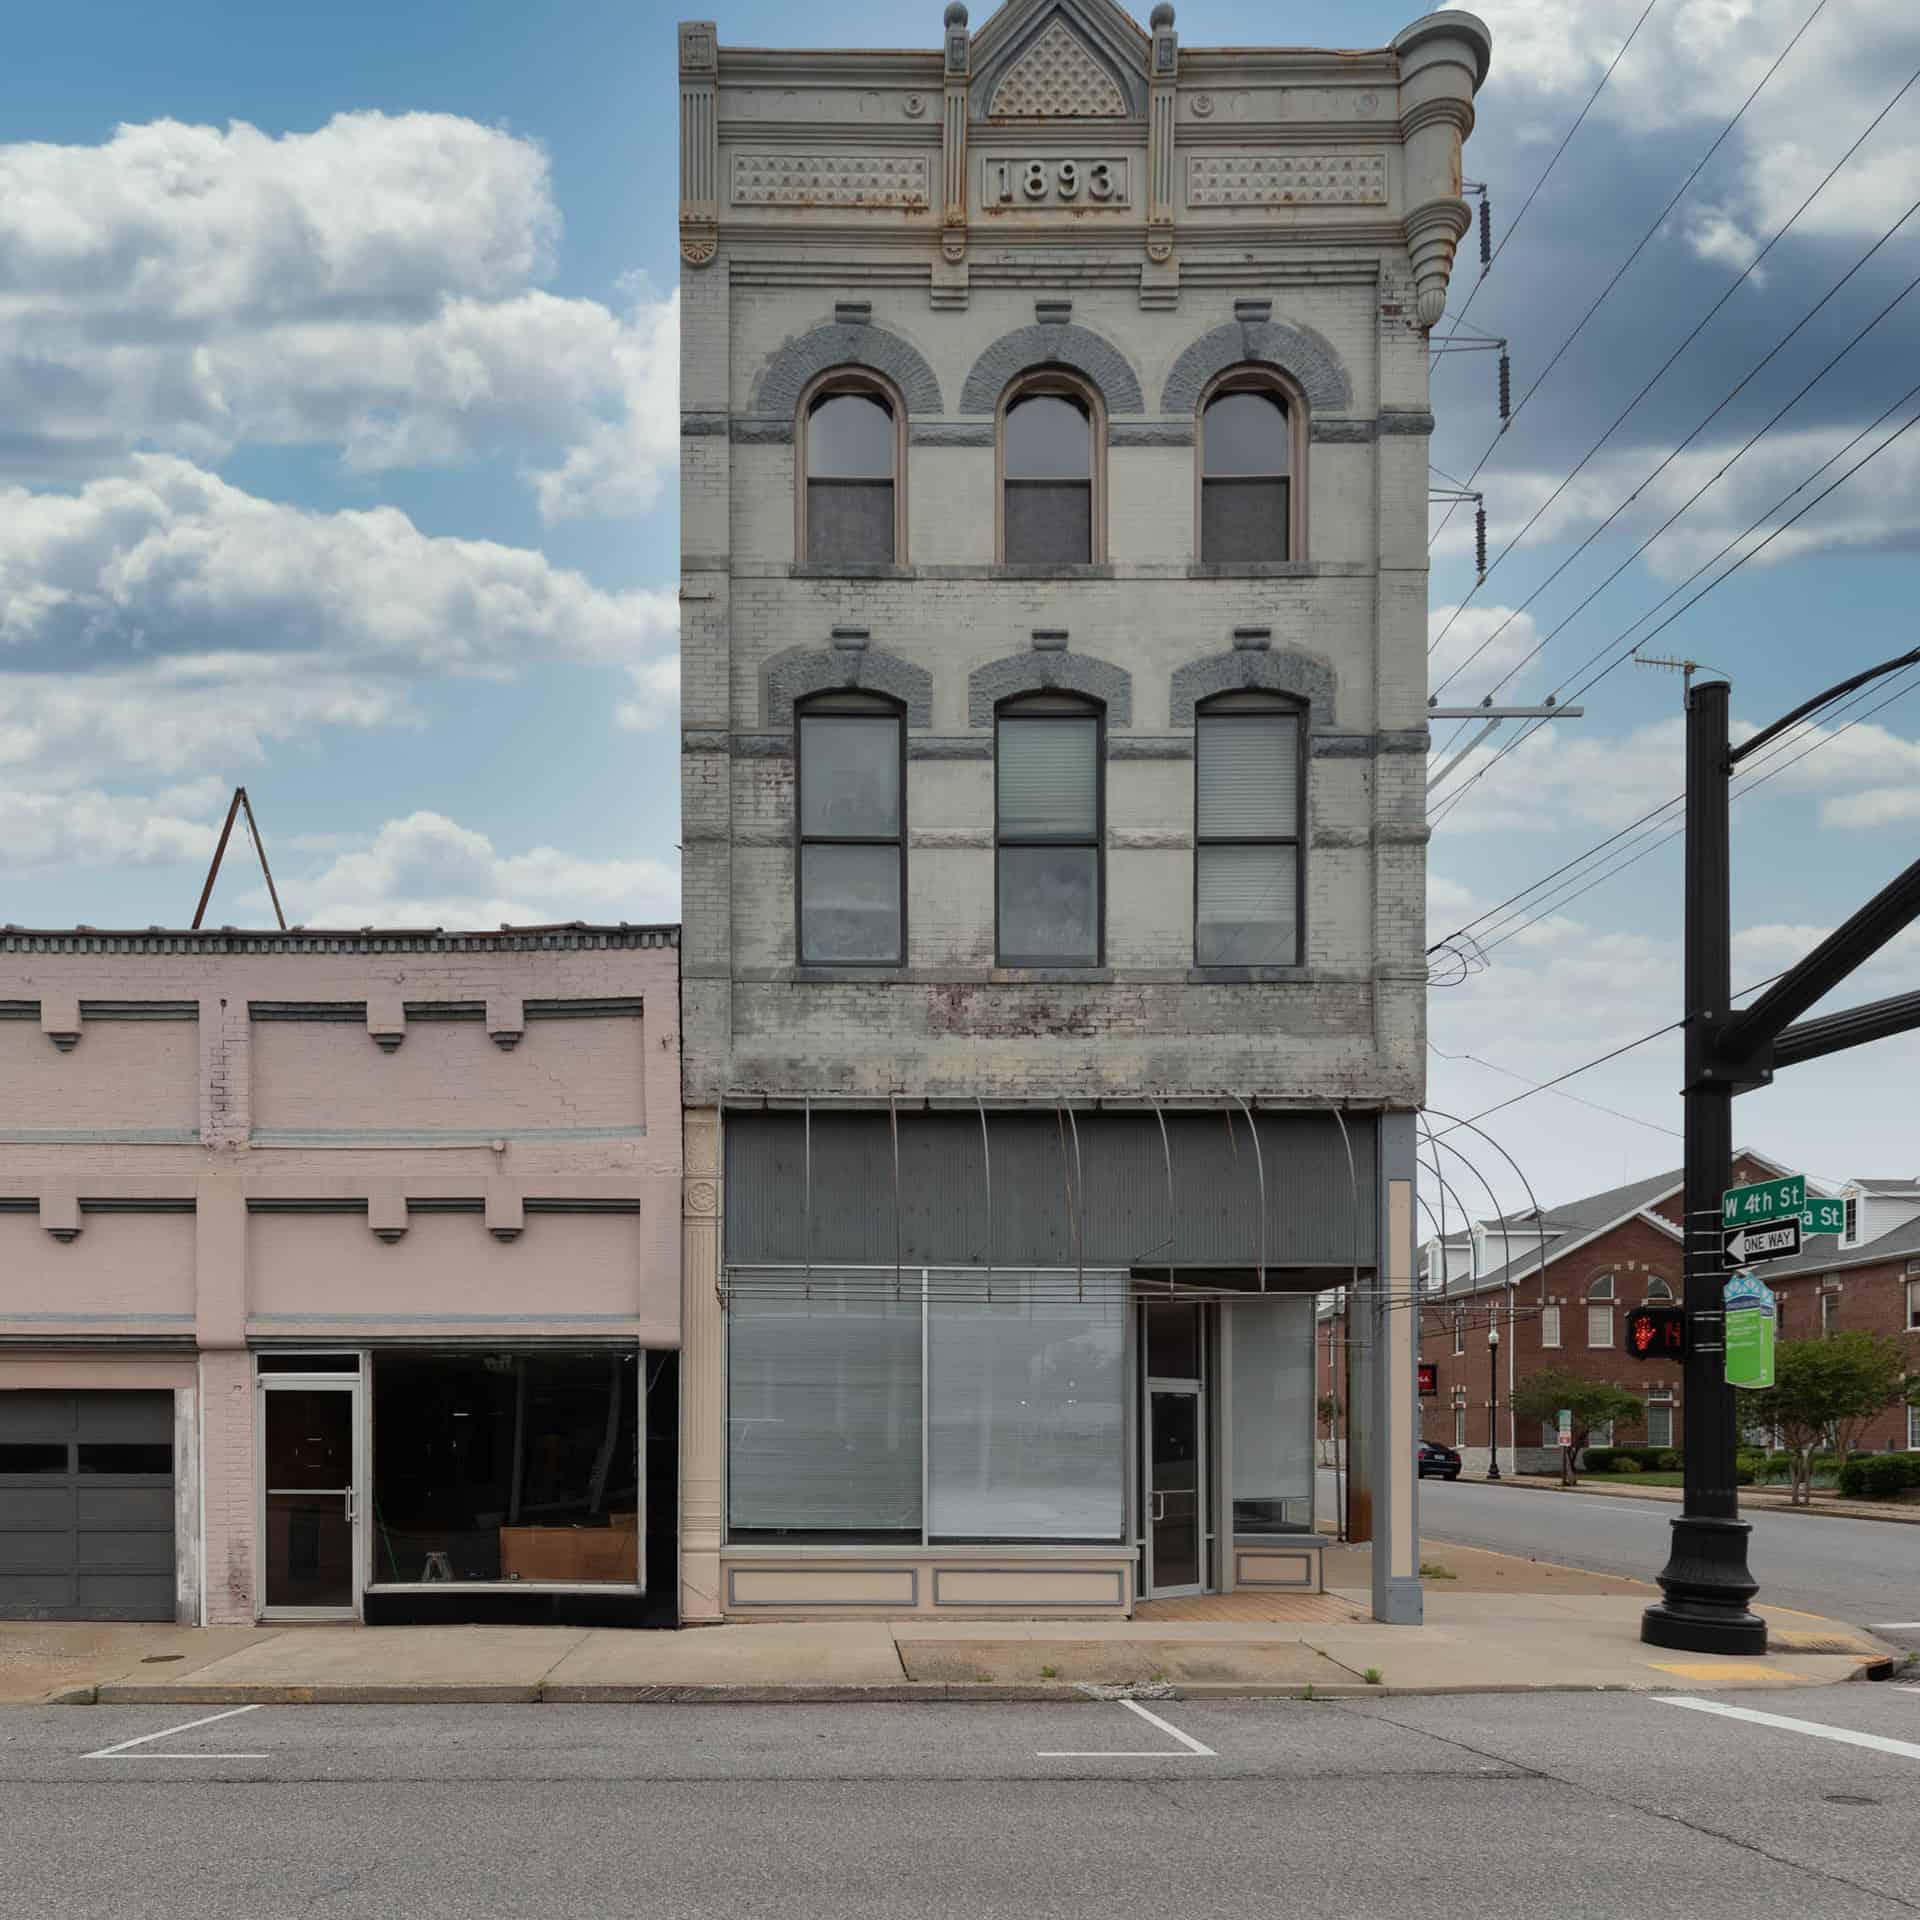 335 Frederica St., Owensboro, KY 42301